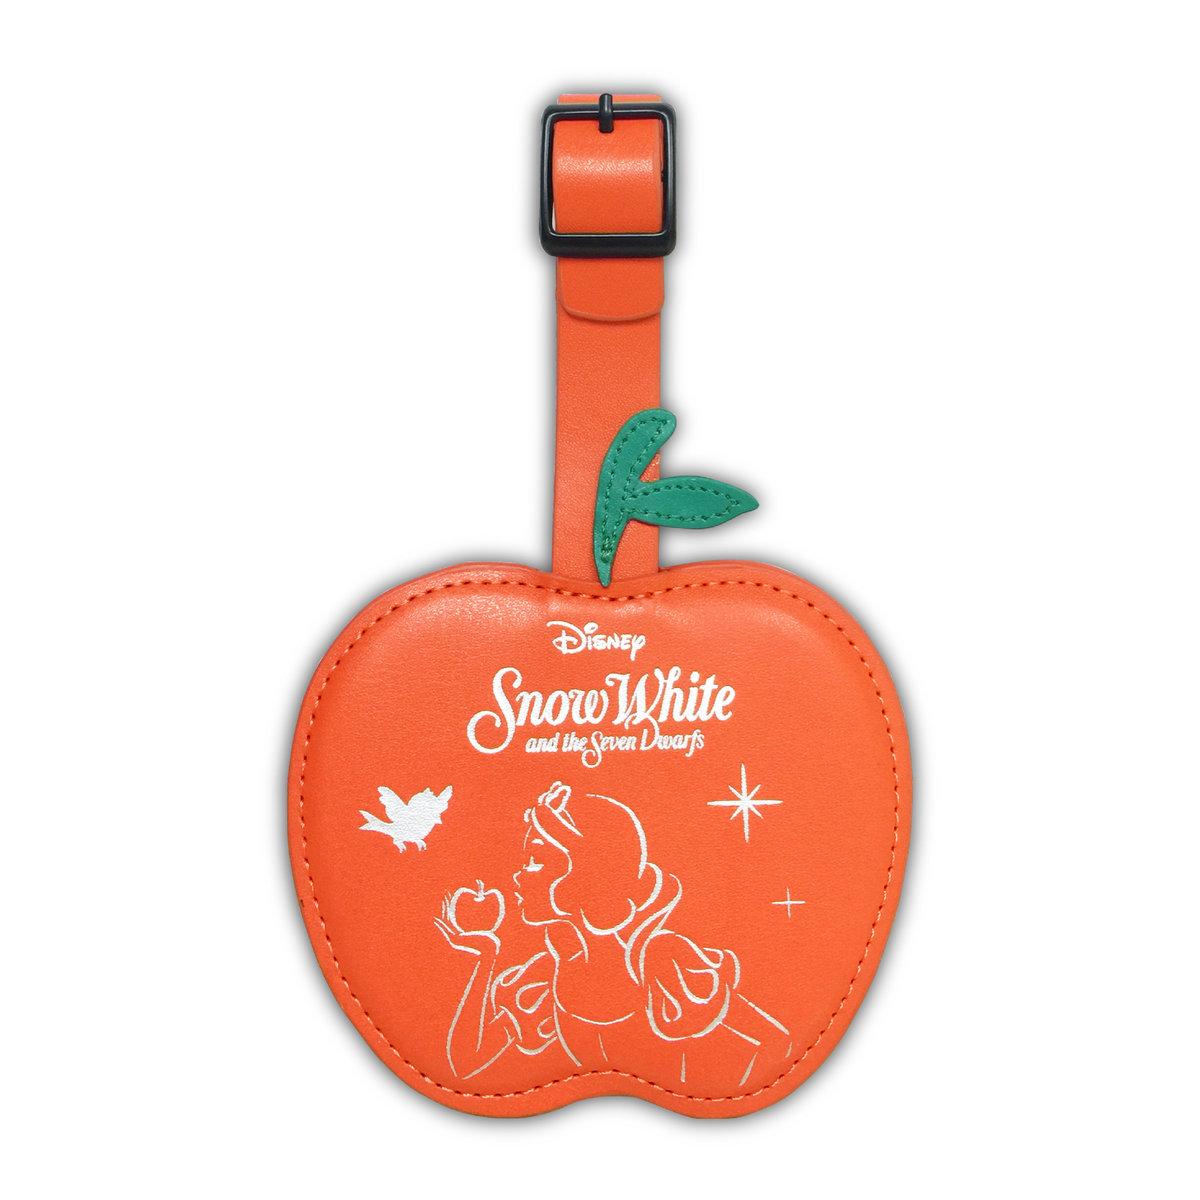 【白雪公主】人造皮行李牌|迪士尼許可產品